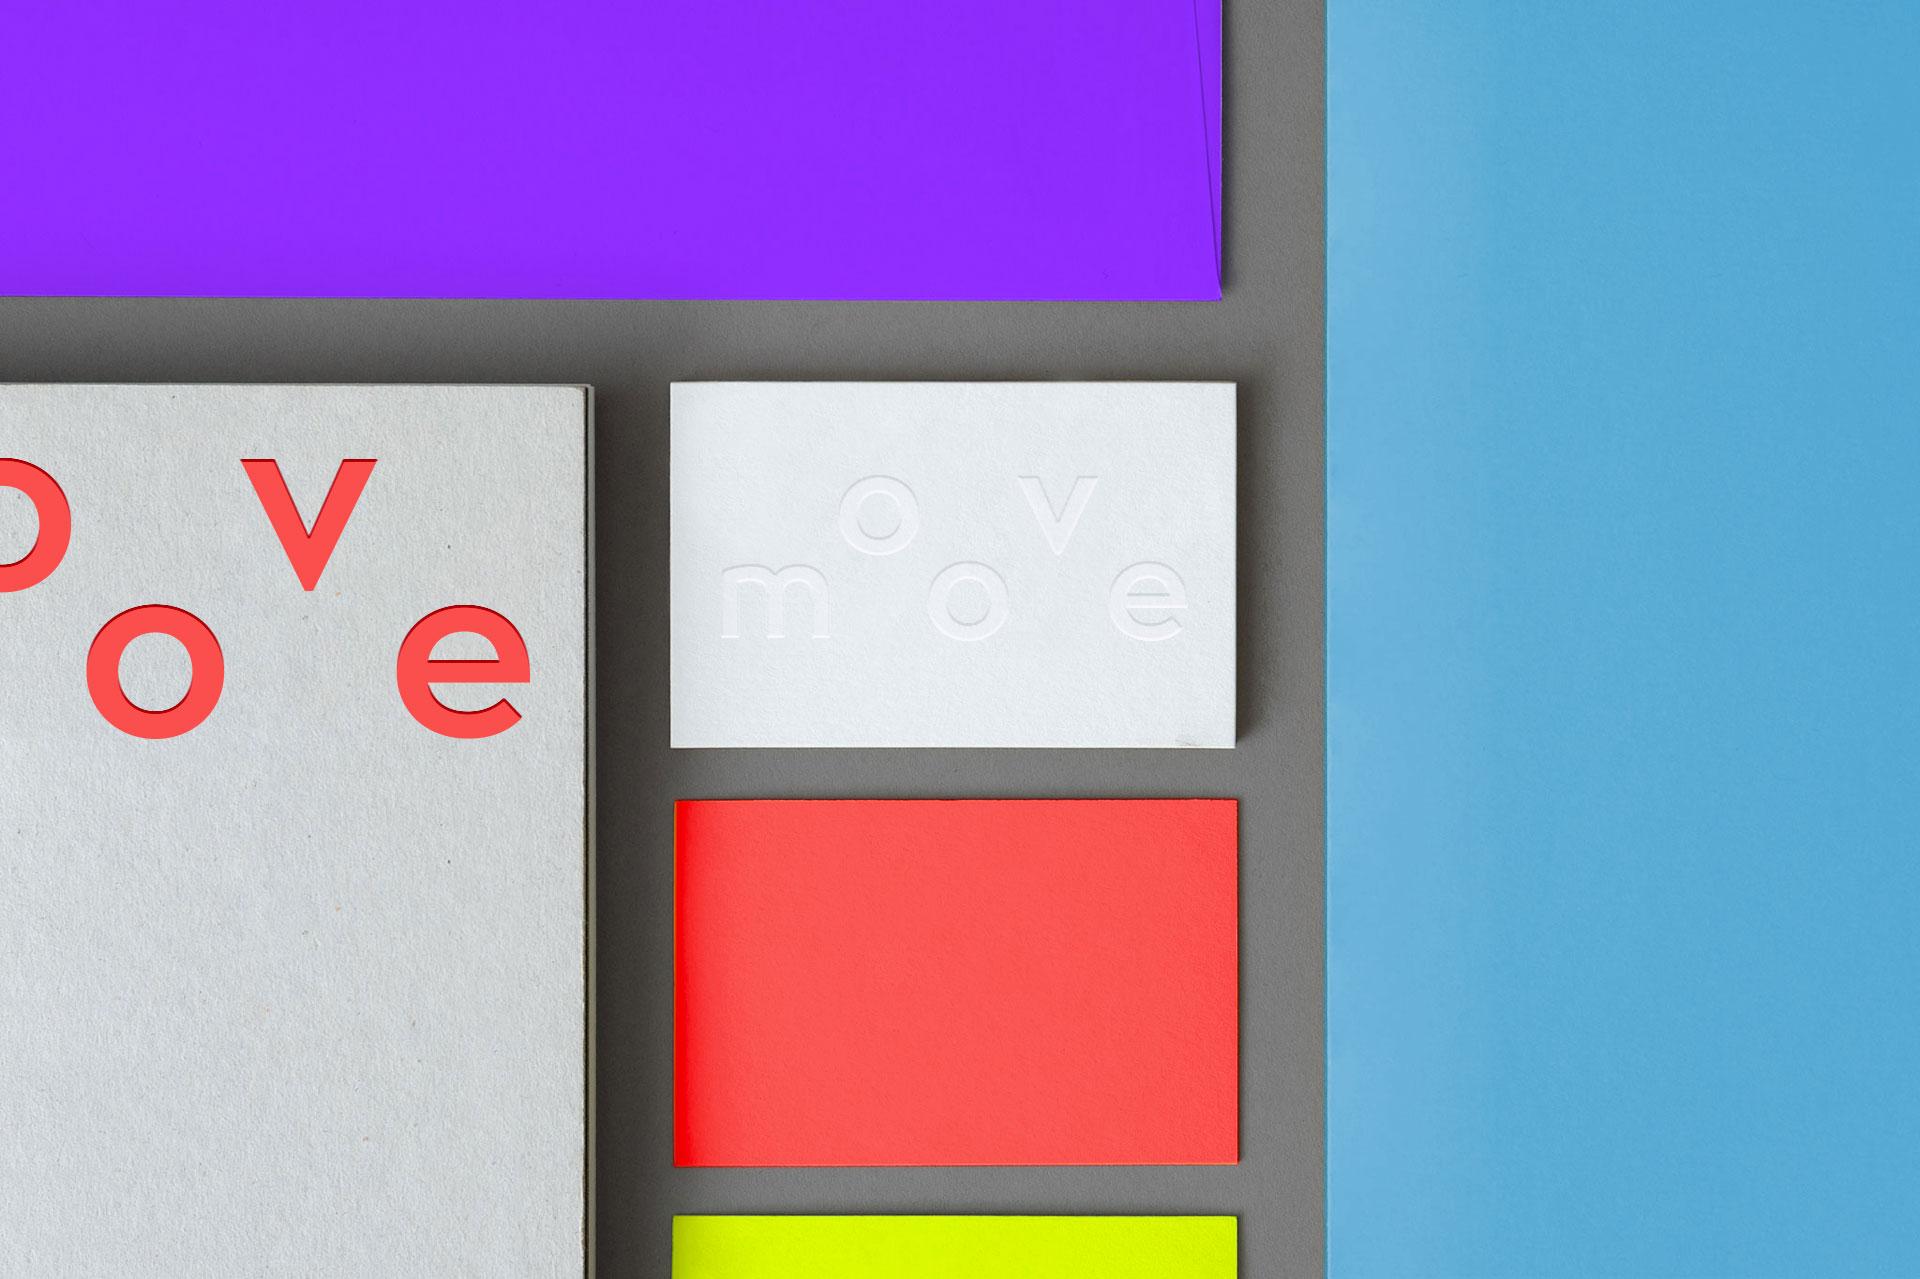 Moove_colors